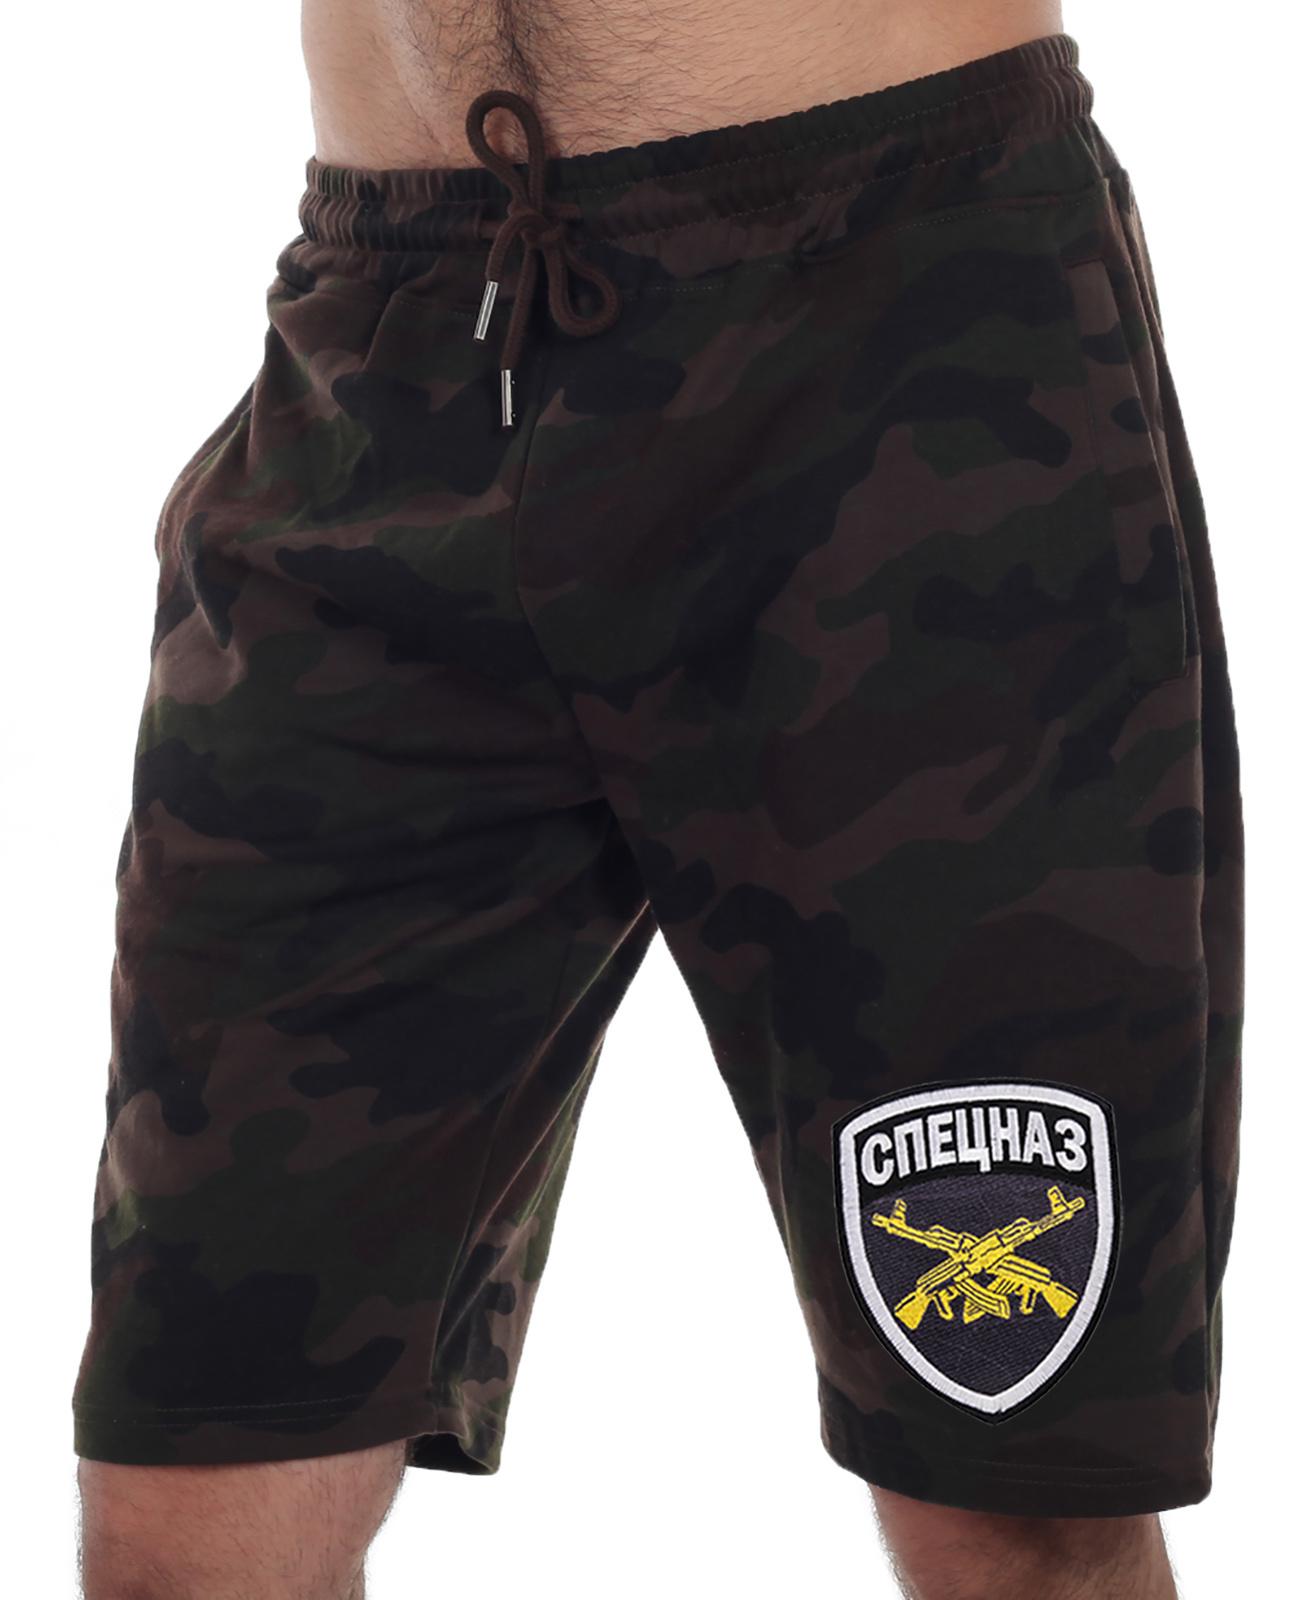 Купить в военторге Военпро мужские спецназовские шорты